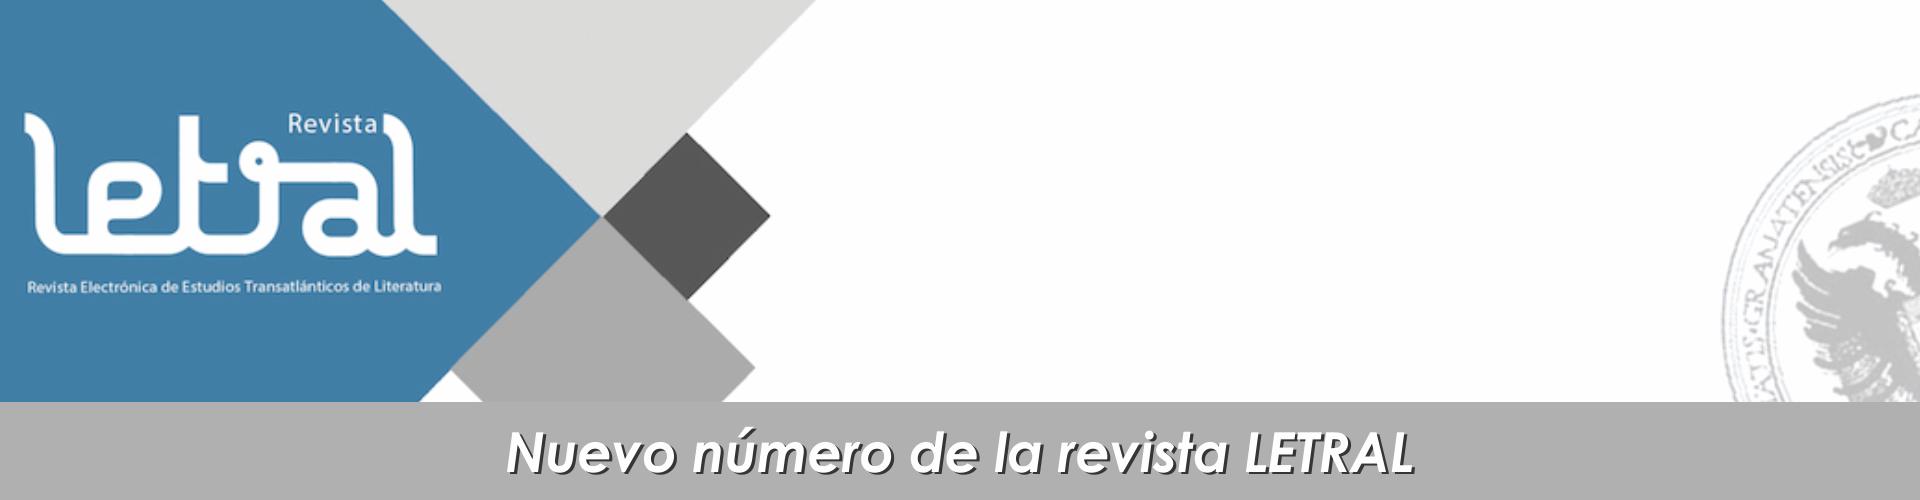 letral-pagina-web